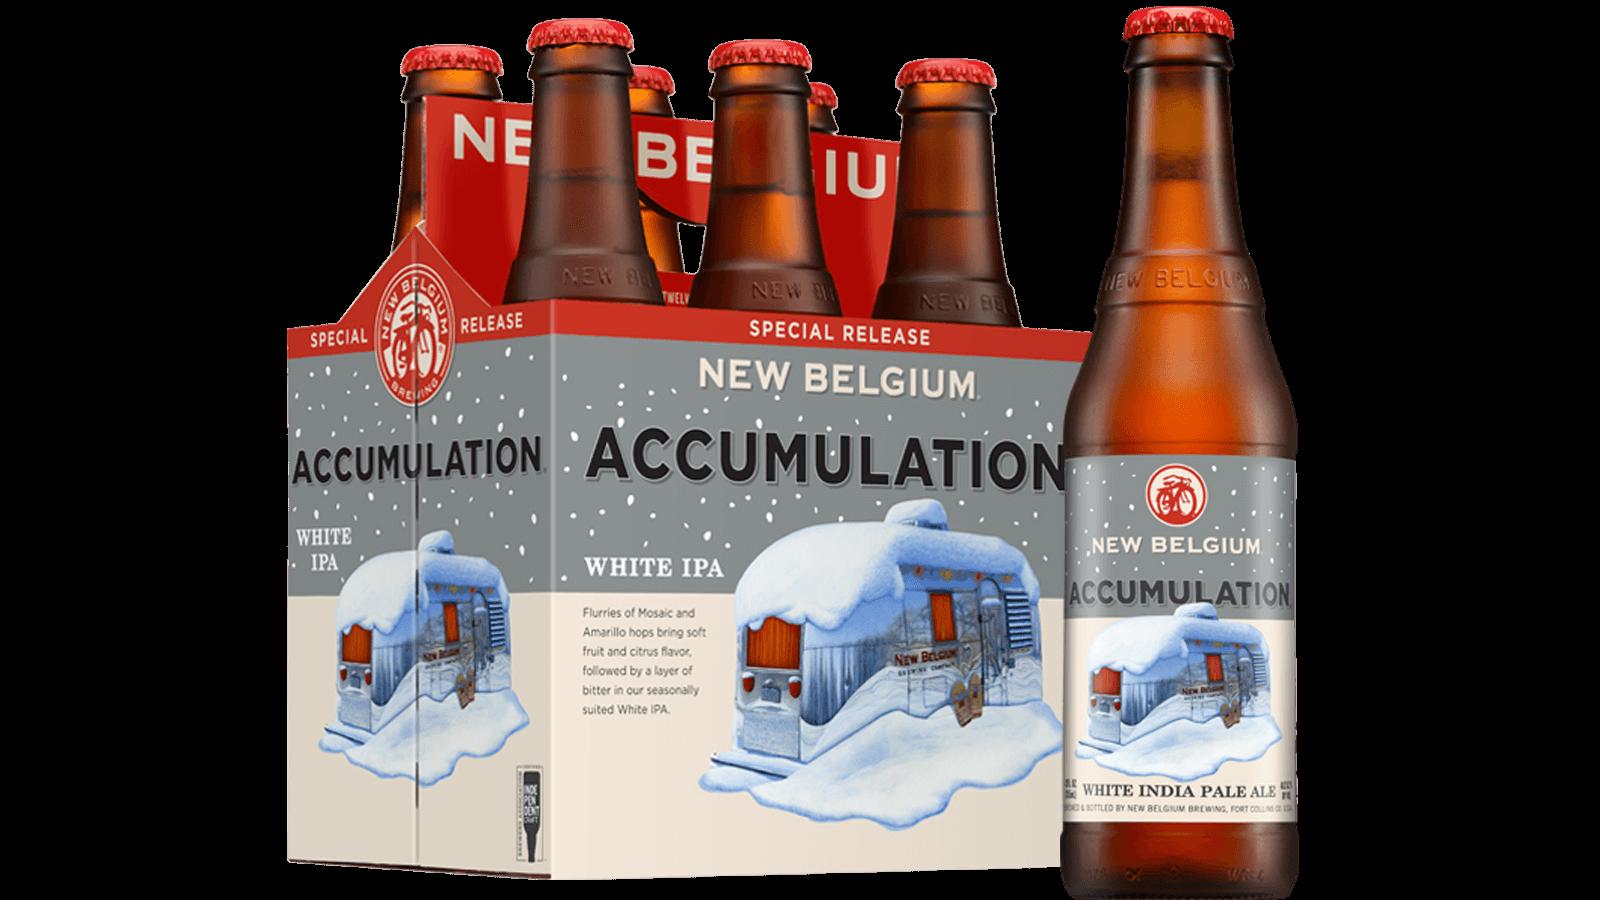 Accumulation White Ipa New Belgium Brewing